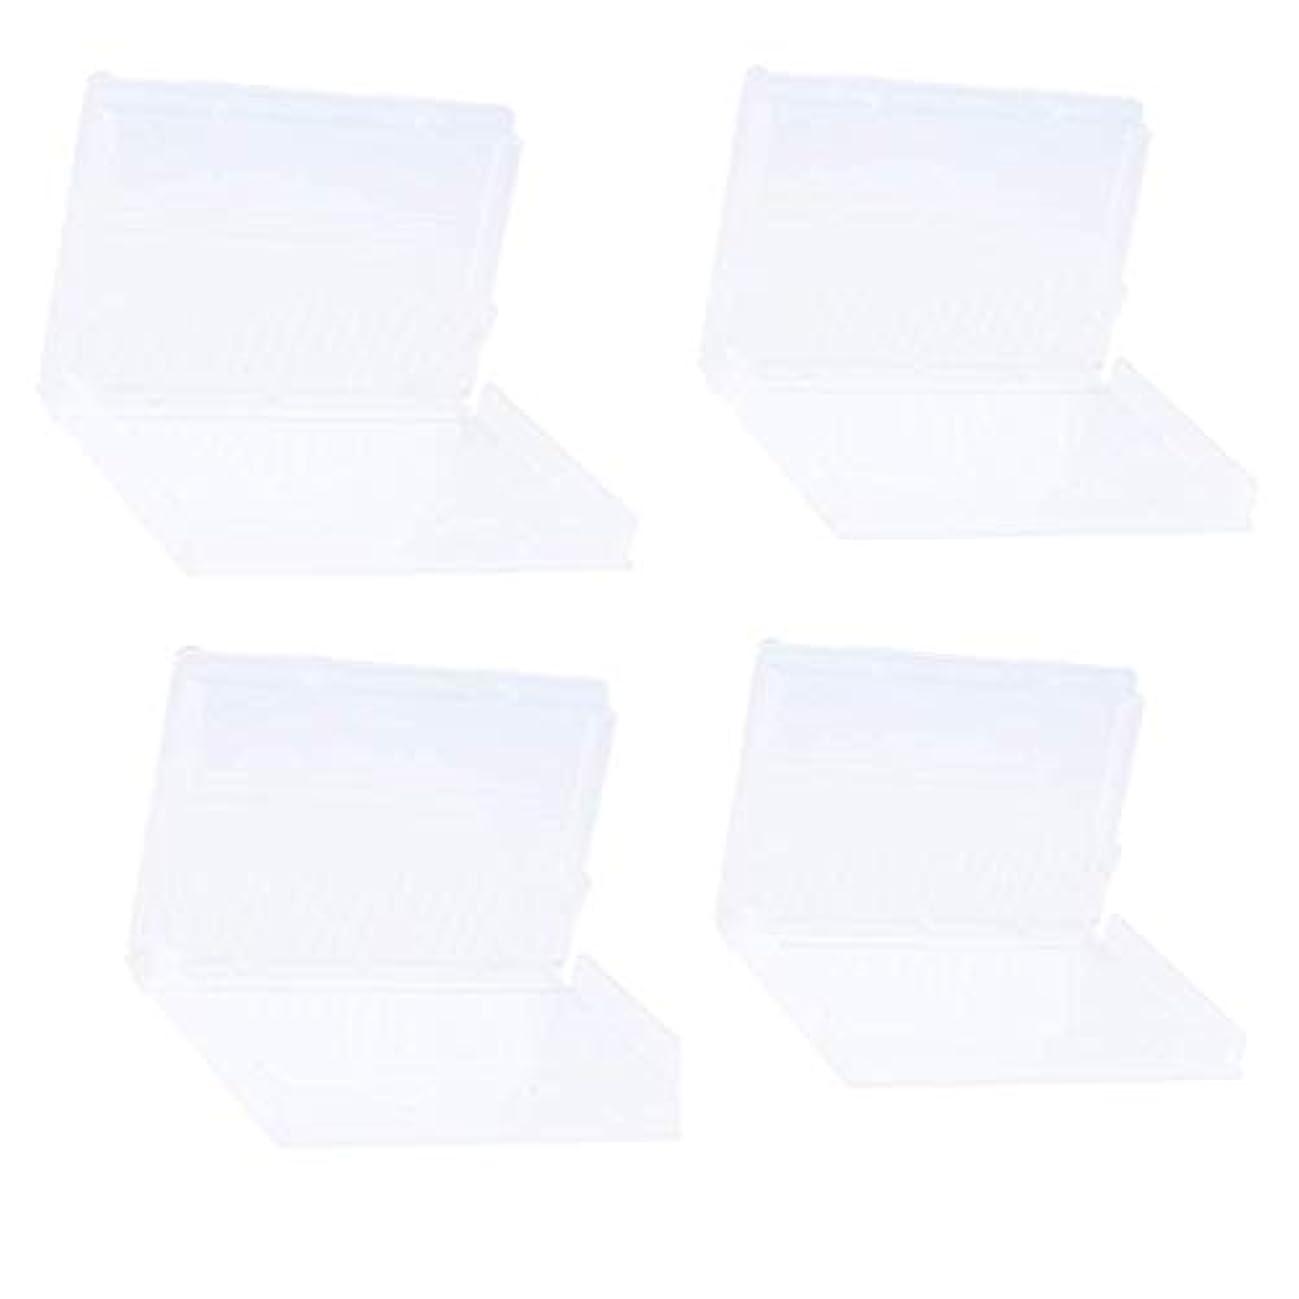 リス意外誕生Sharplace ネイルドリルビットホルダー ネイルドリルビットボックス プラスチック材料 20穴収納 マニキュアボックス